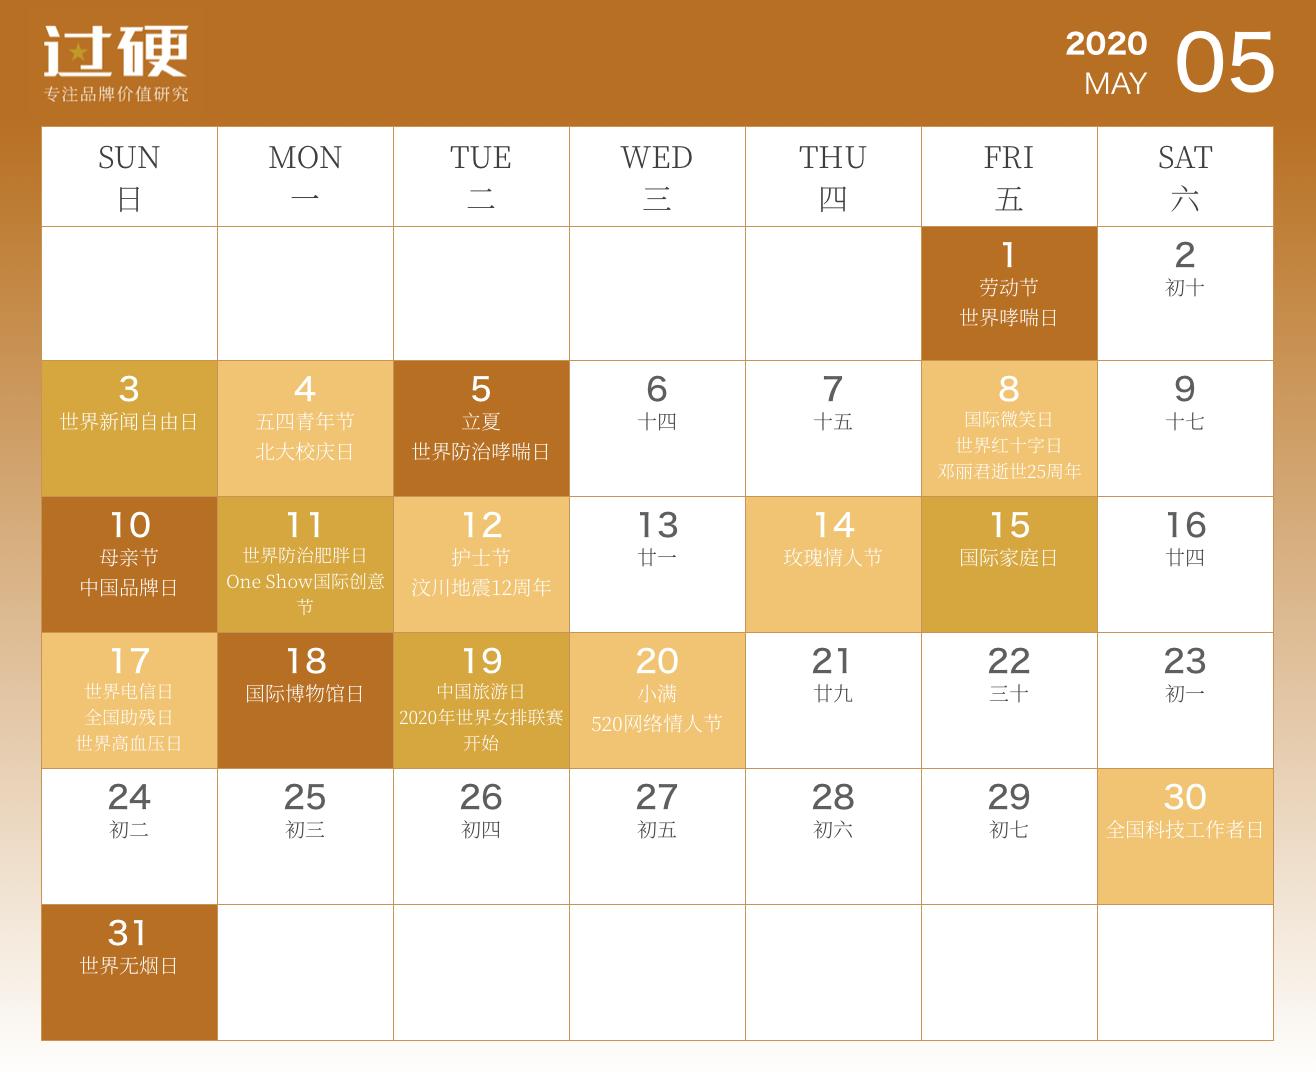 """020营销日历完整版出炉,全年300+借势热点,值得收藏"""""""